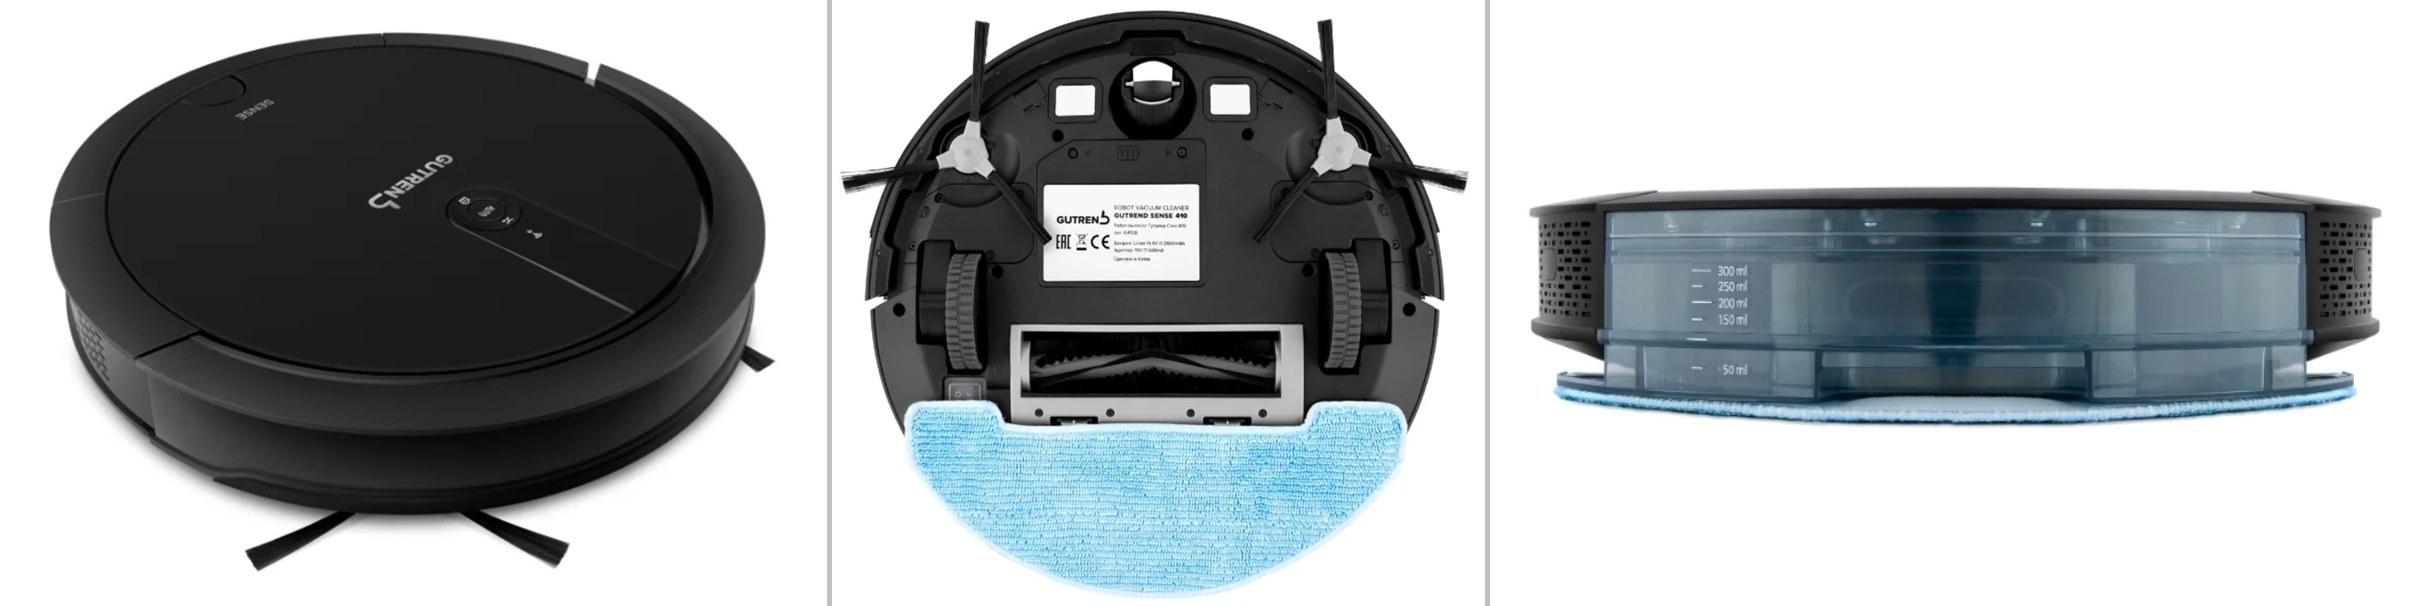 пылесос робот gutrend sense 410 черный